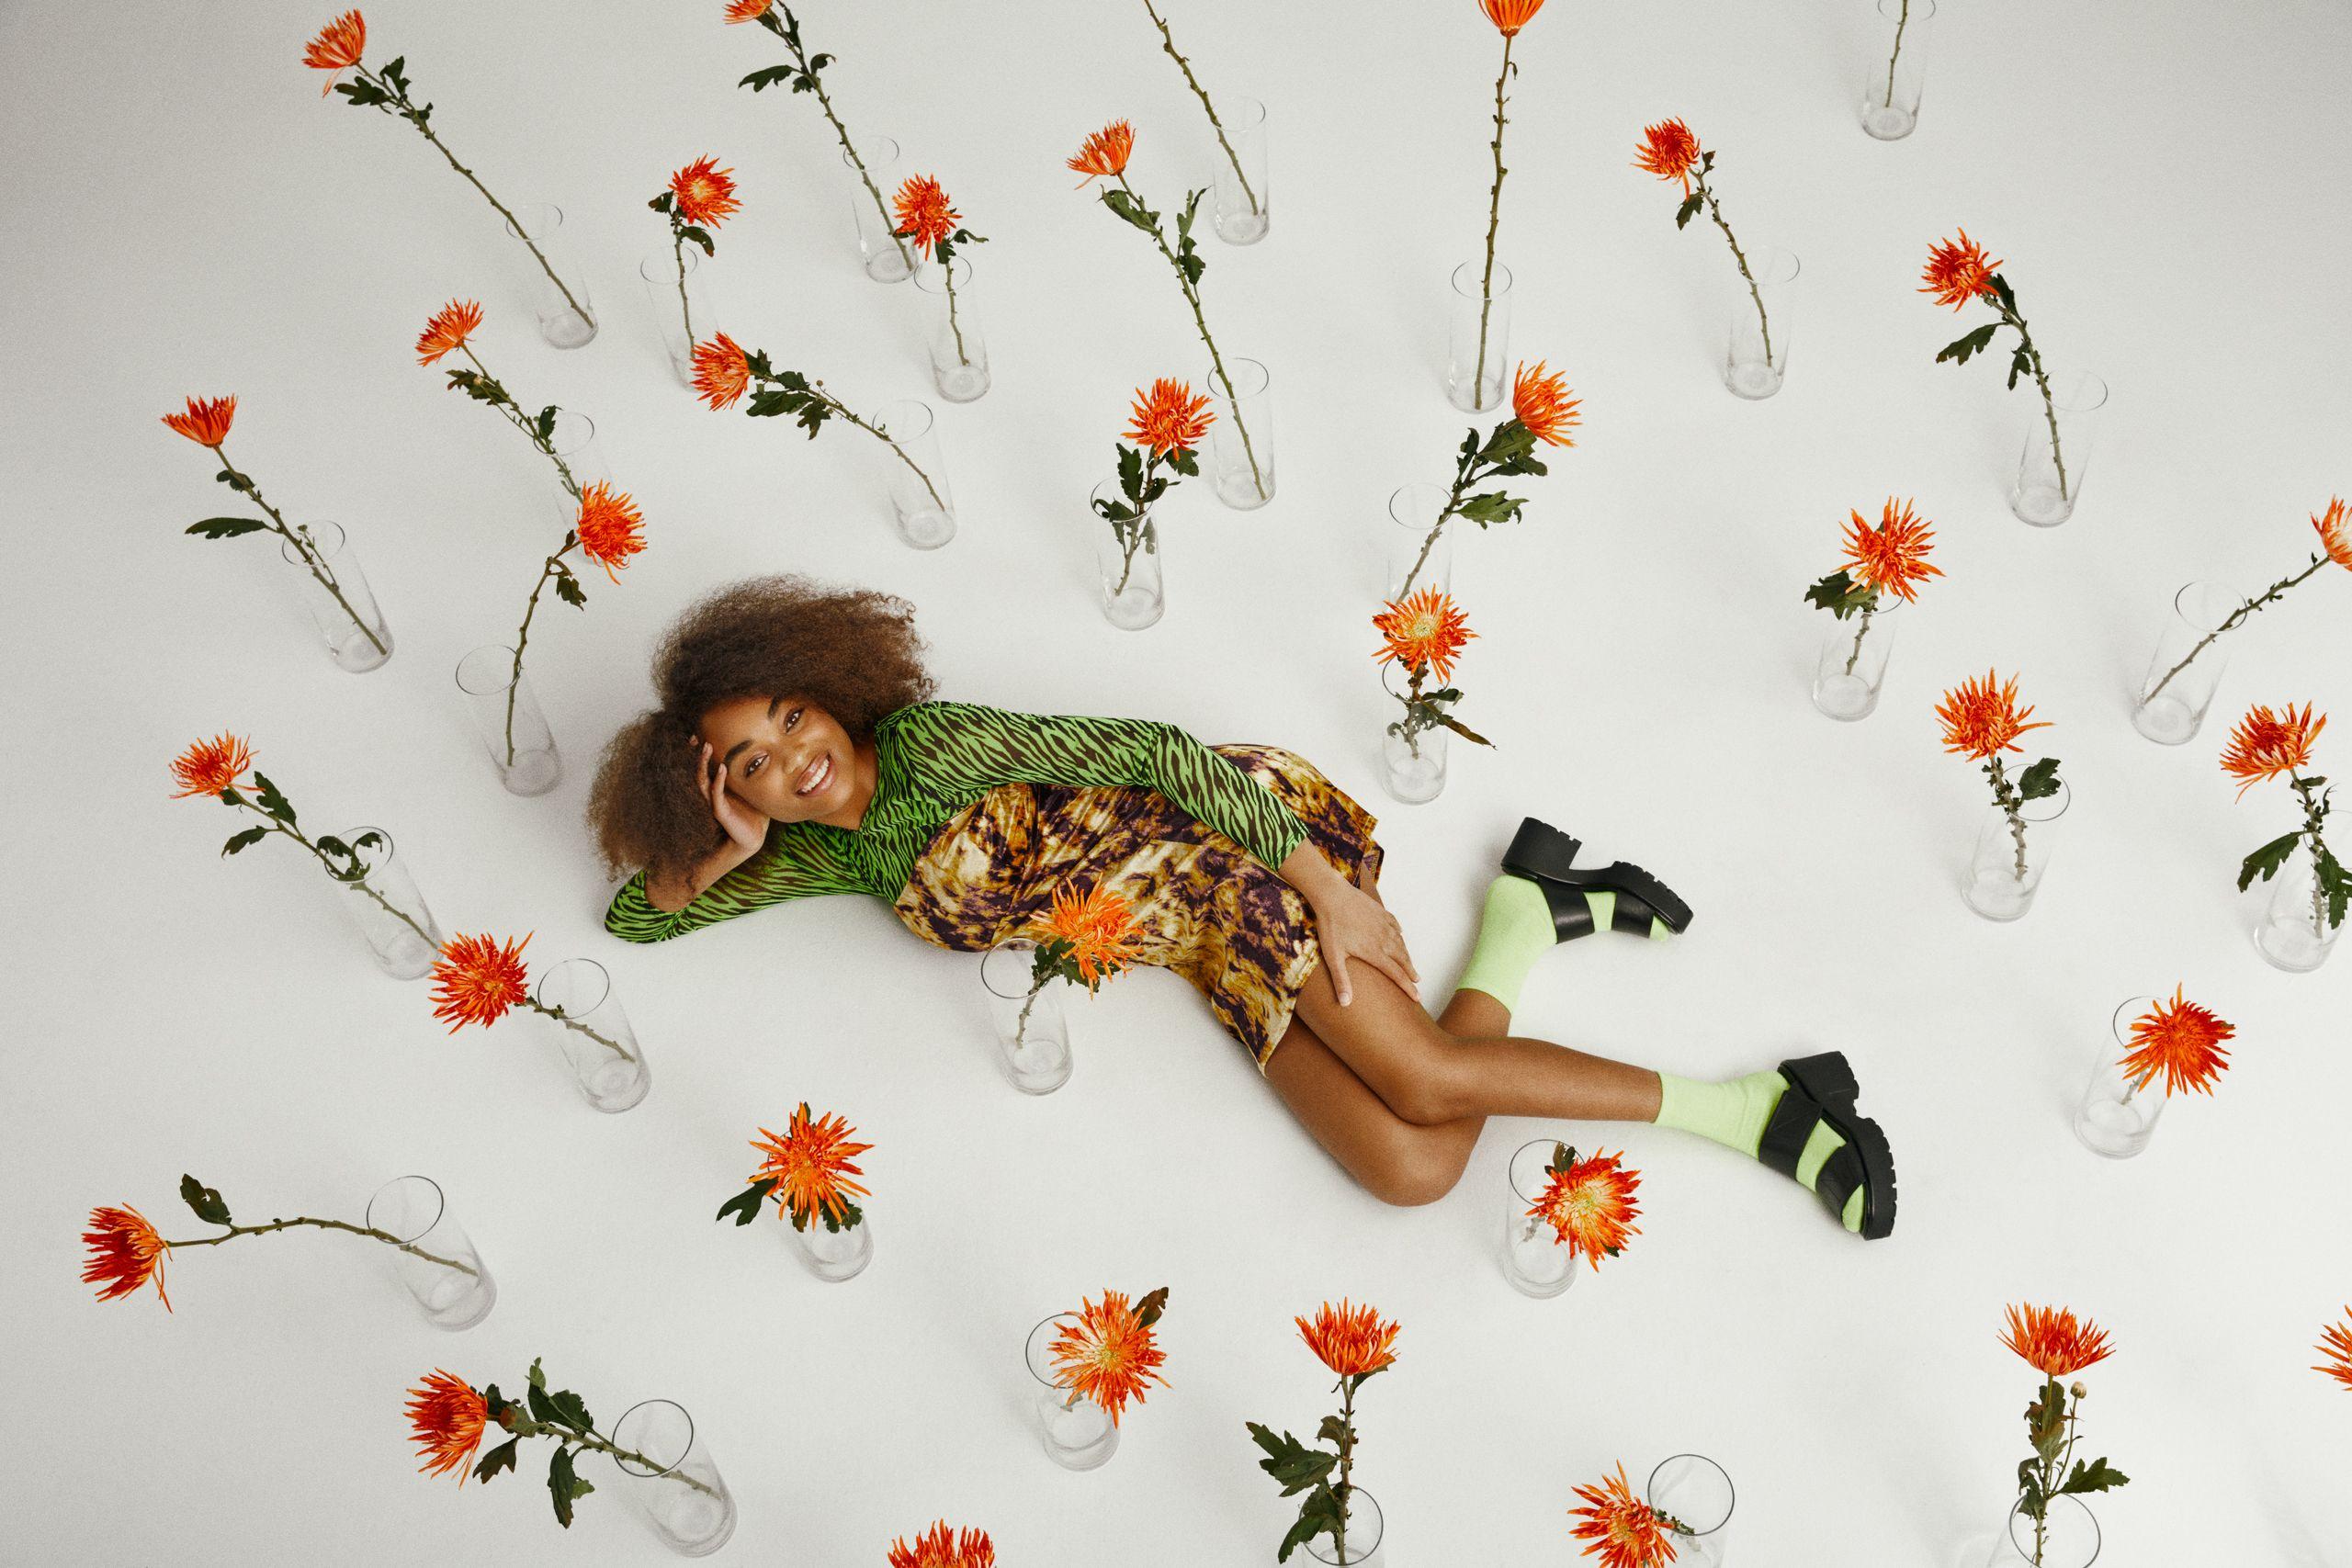 Femme allongée sur un sol blanc, portant des sandales à talons noires, des chaussettes vert menthe et une robe à imprimé animal. Des vases contenant chacun une fleur orange sont éparpillés autour d'elle.